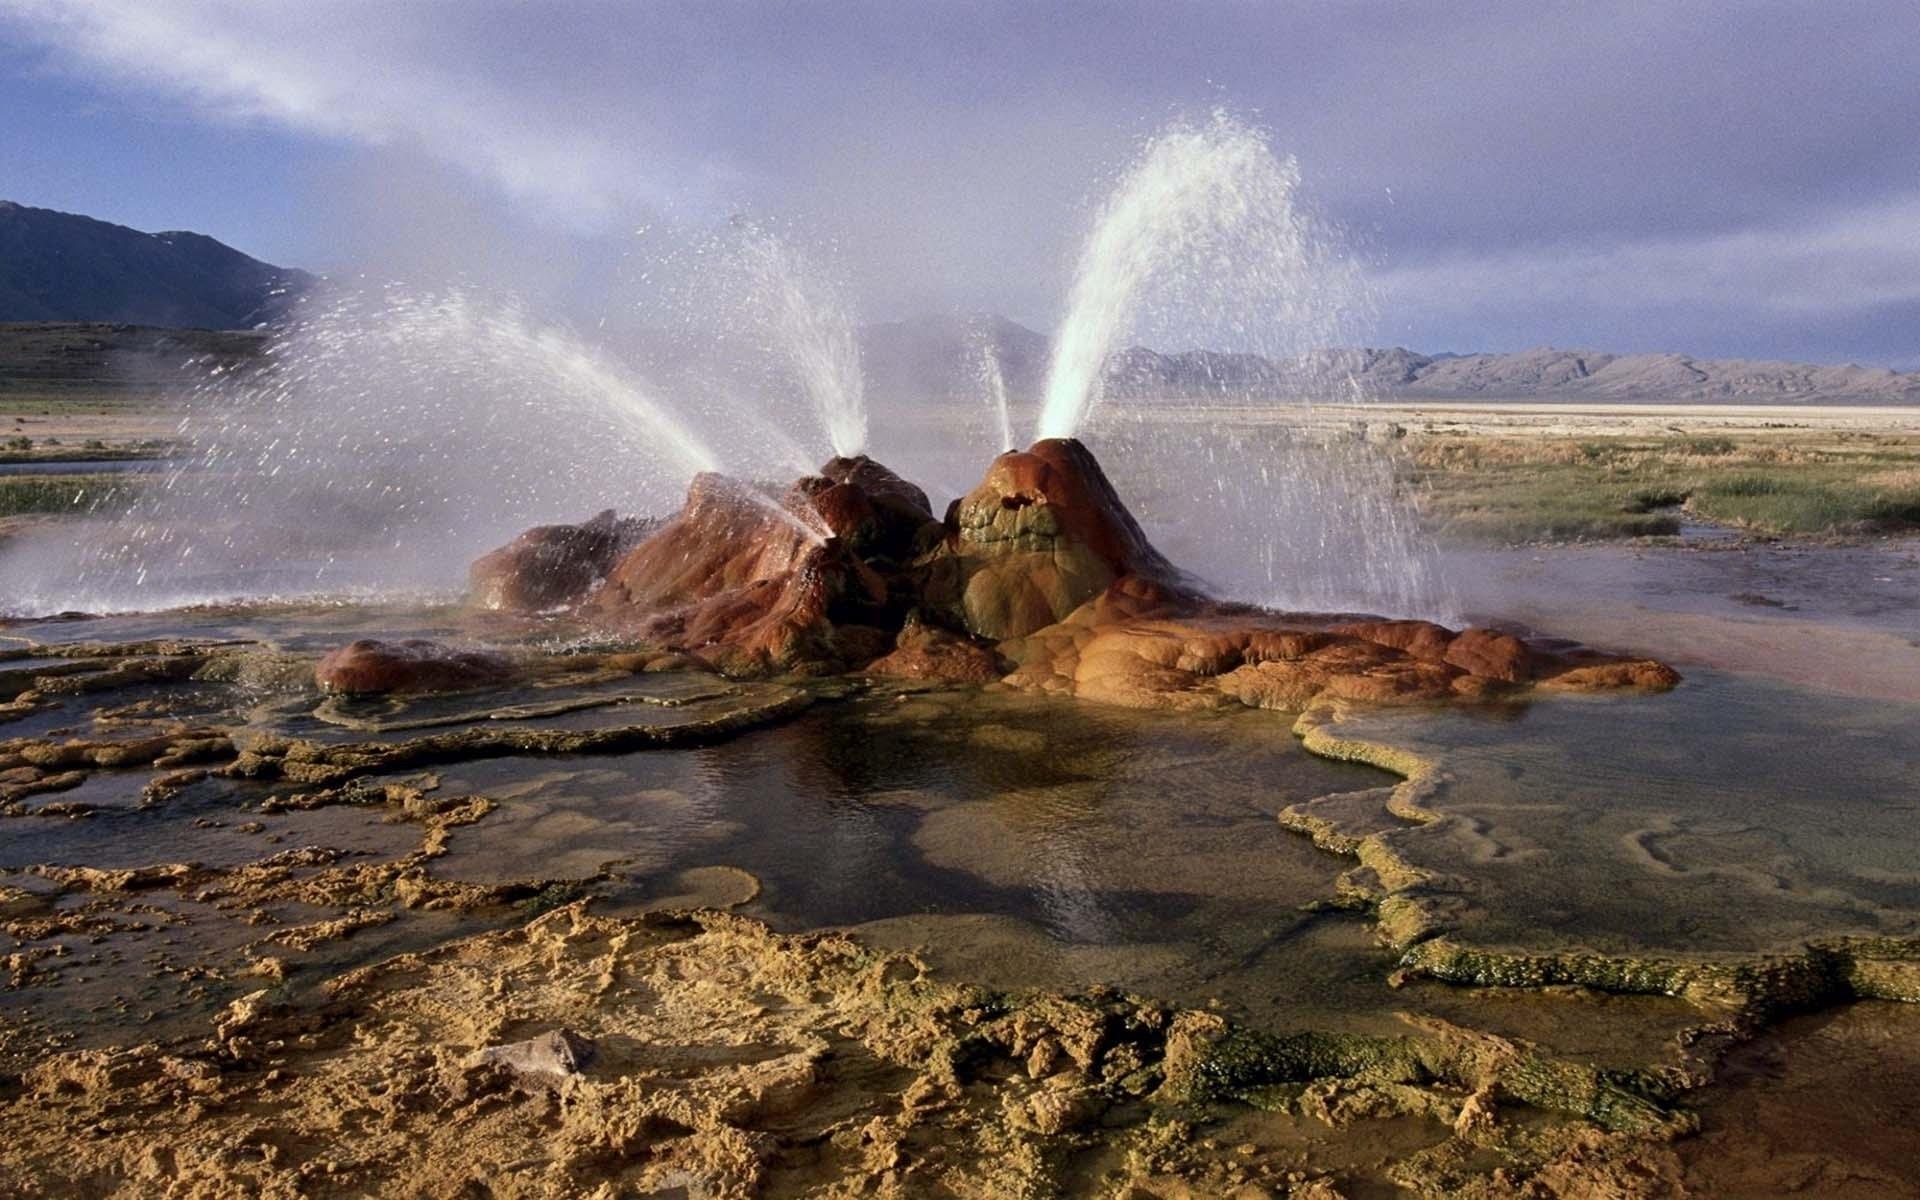 آب فشان فلای رنچ، ناشناخته ترین جاذبه گردشگری نوادای آمریکا